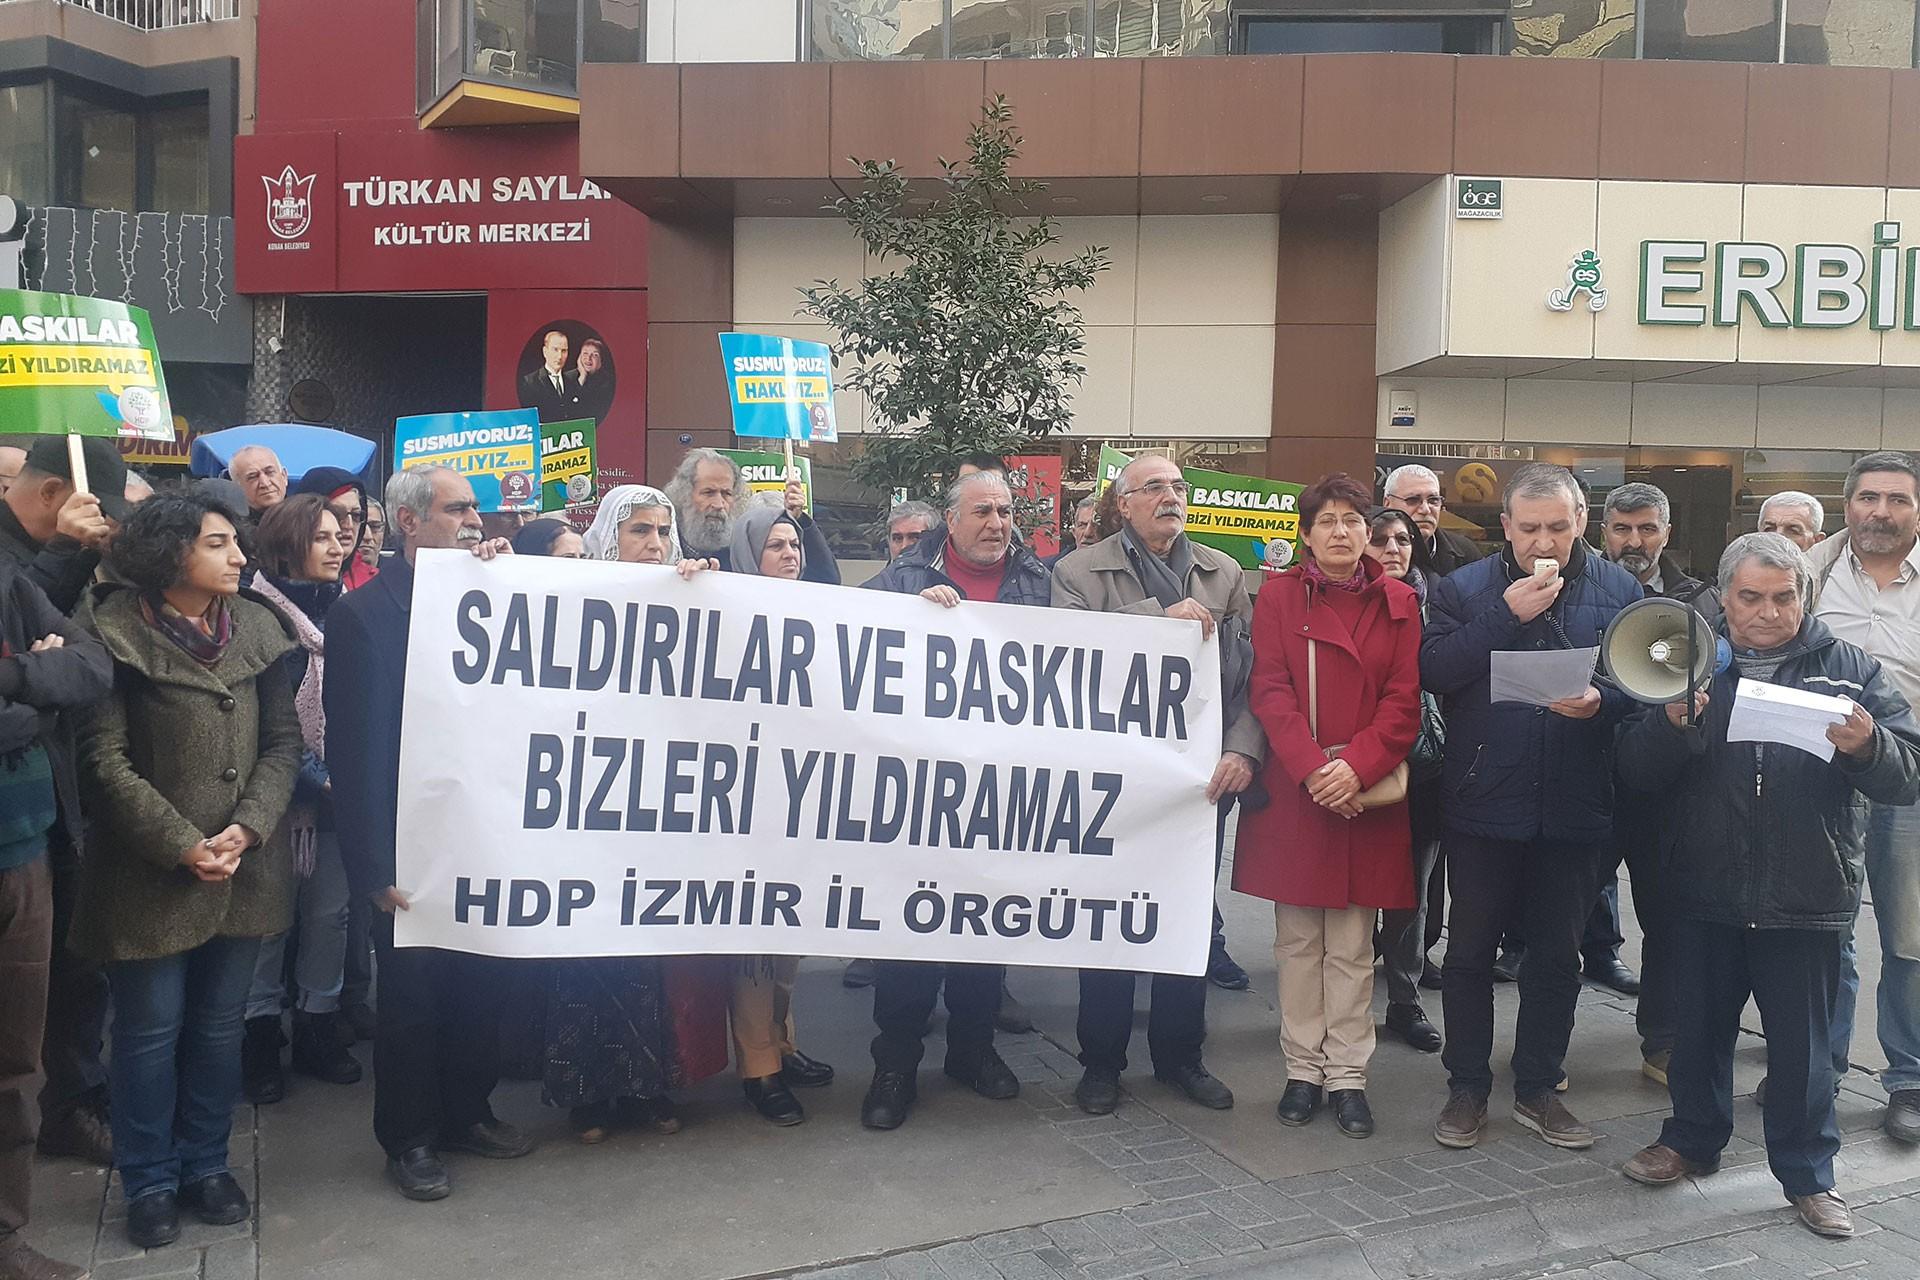 HDP İzmir İl Örgütü